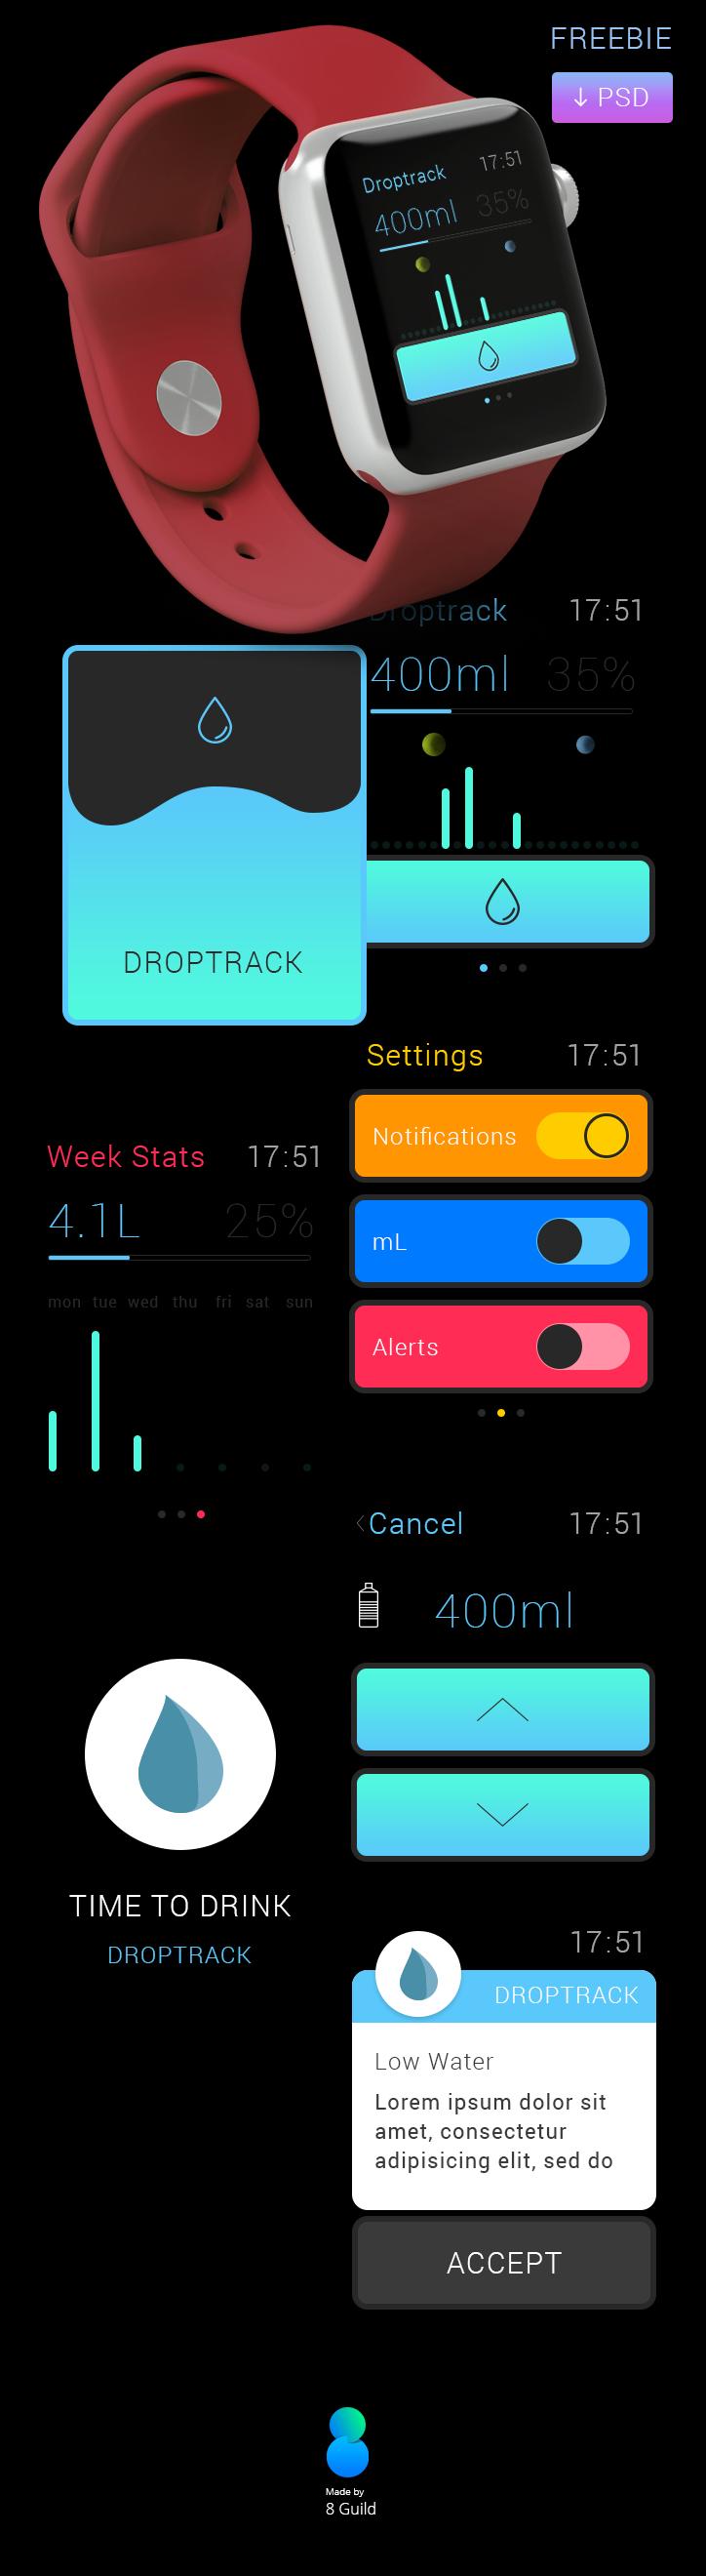 Apple Watch App Freebie on Behance